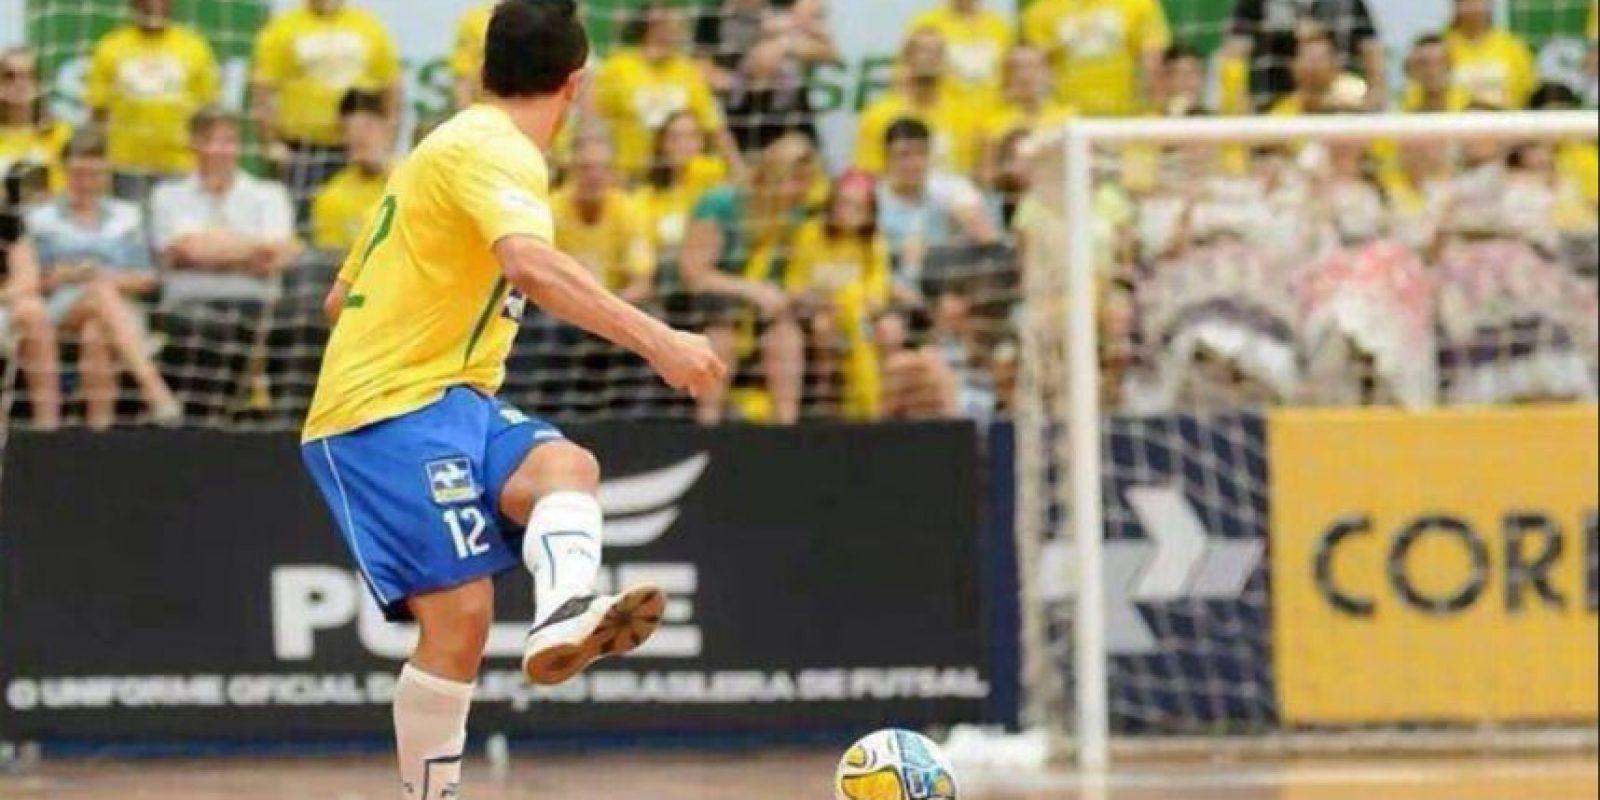 El brasileño es considerado uno de los mejores futbolistas de futsal Foto:Twitter: @Falcao12oficial